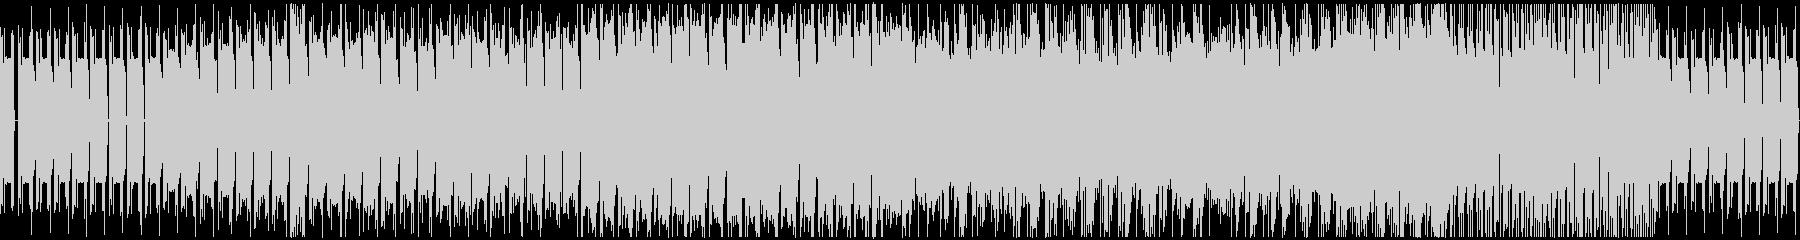 シンセ音メインの機械的なBGMの未再生の波形